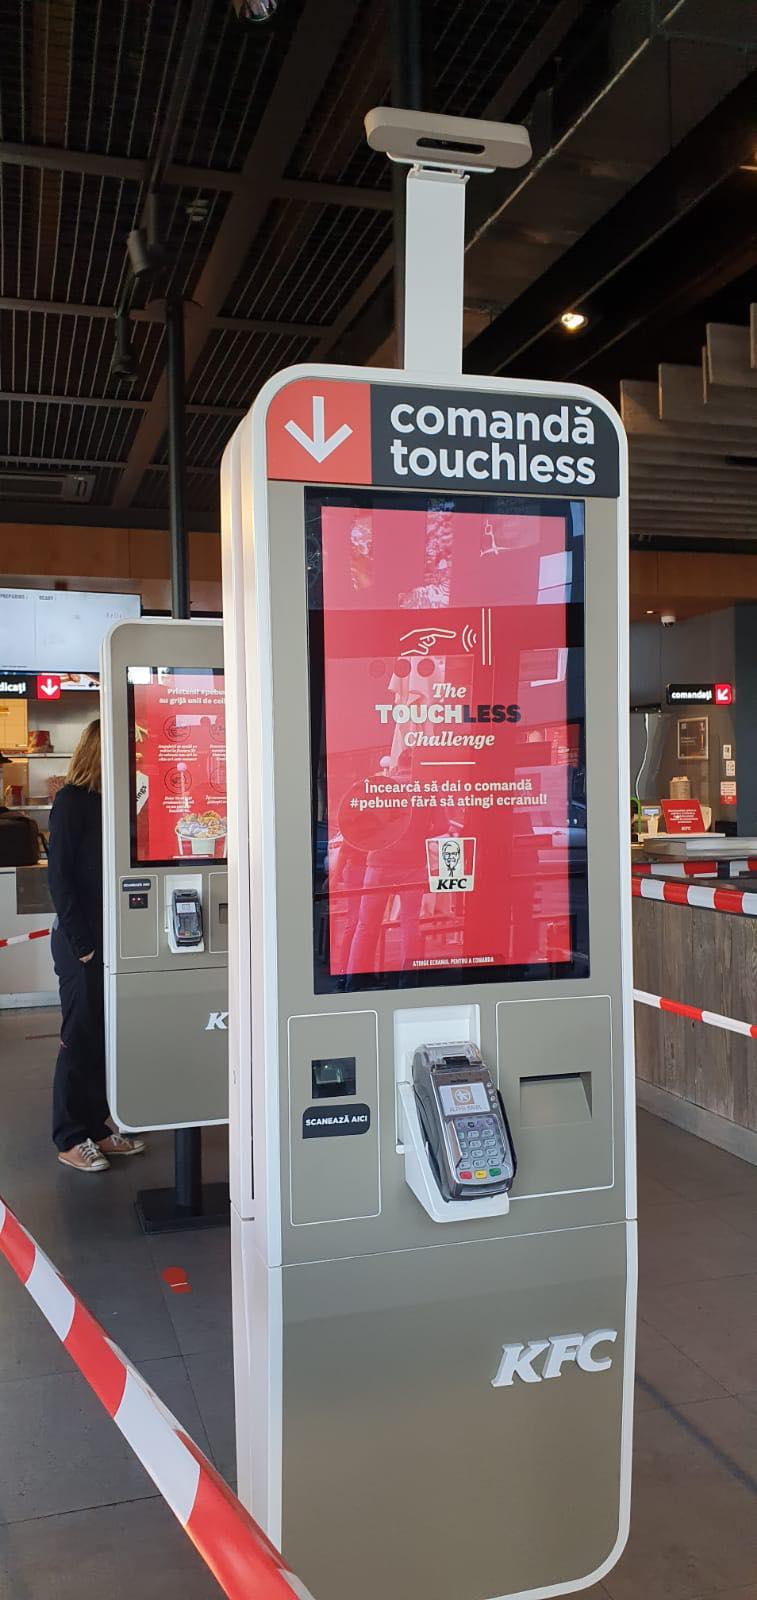 KFC Romania introduce un sistem touchless de comandă